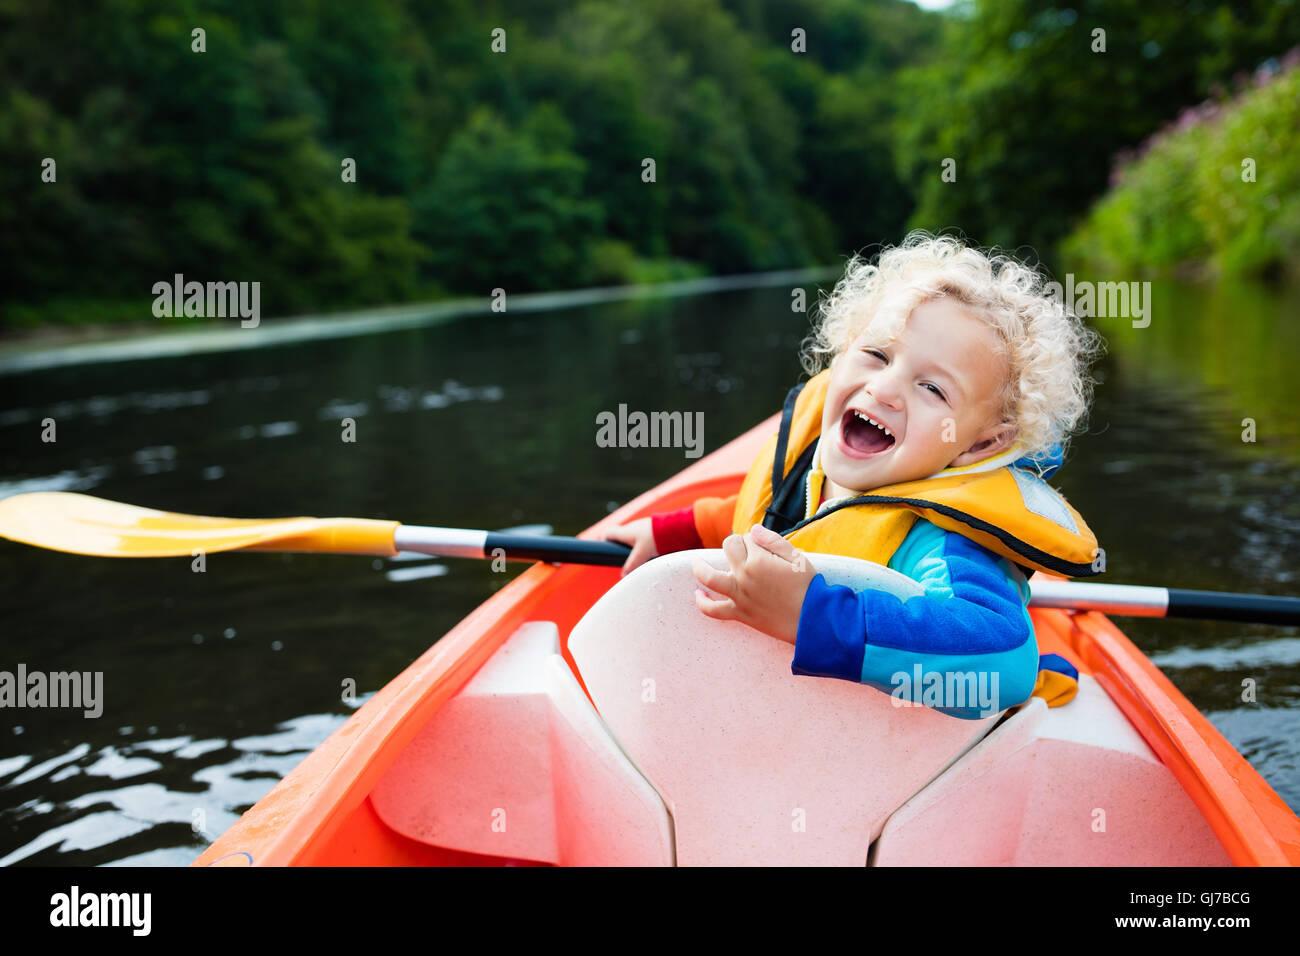 Niño feliz disfrutando de canoa en el hermoso río. Poco rizado toddler boy kayak en los calurosos días Imagen De Stock